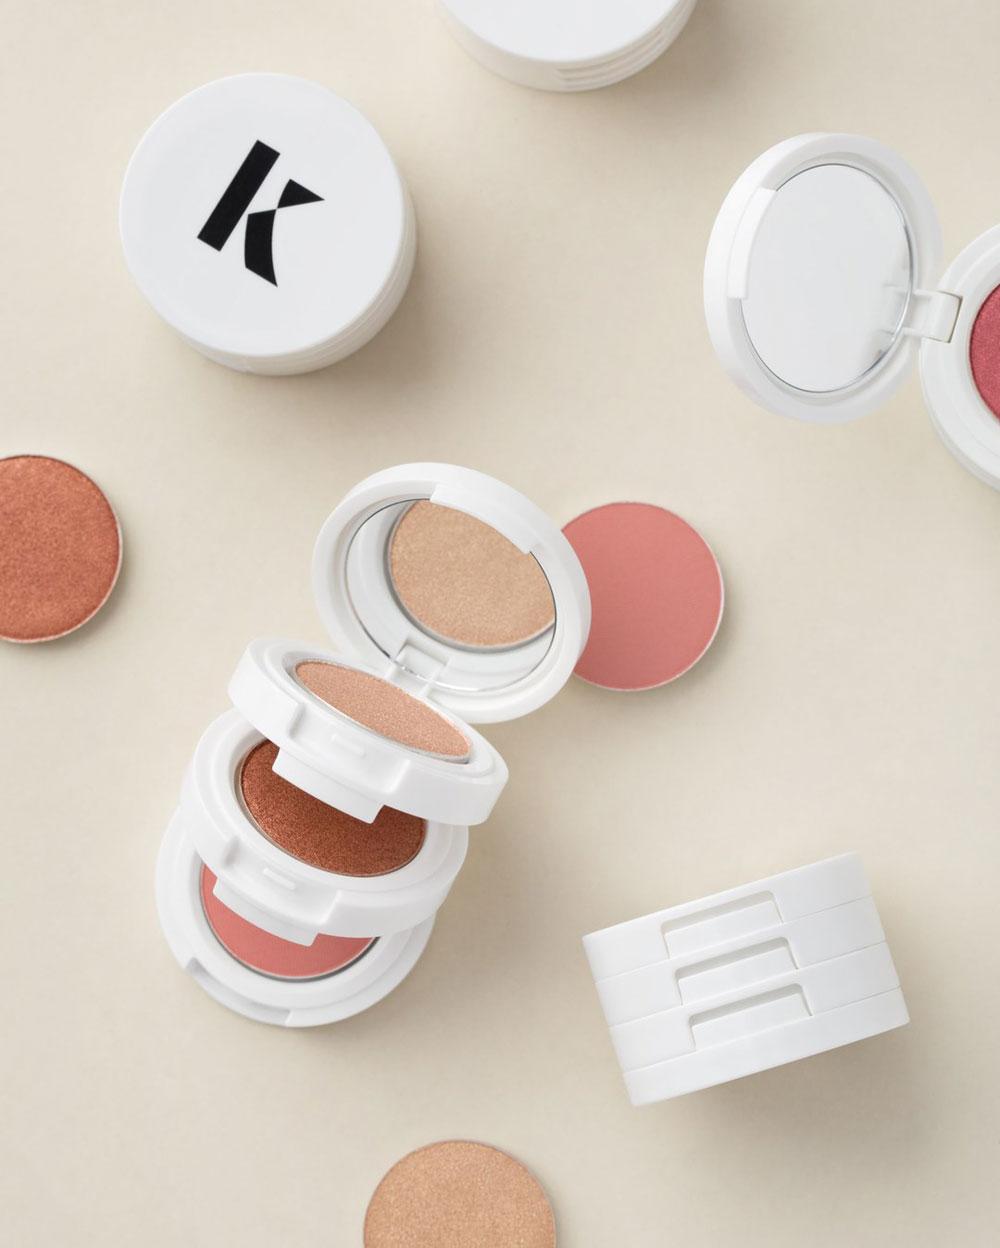 Das vegane It-Label Kess Berlin überzeugt mit schön verpackten Universal-Produkten für verschiedene Anwendungen.